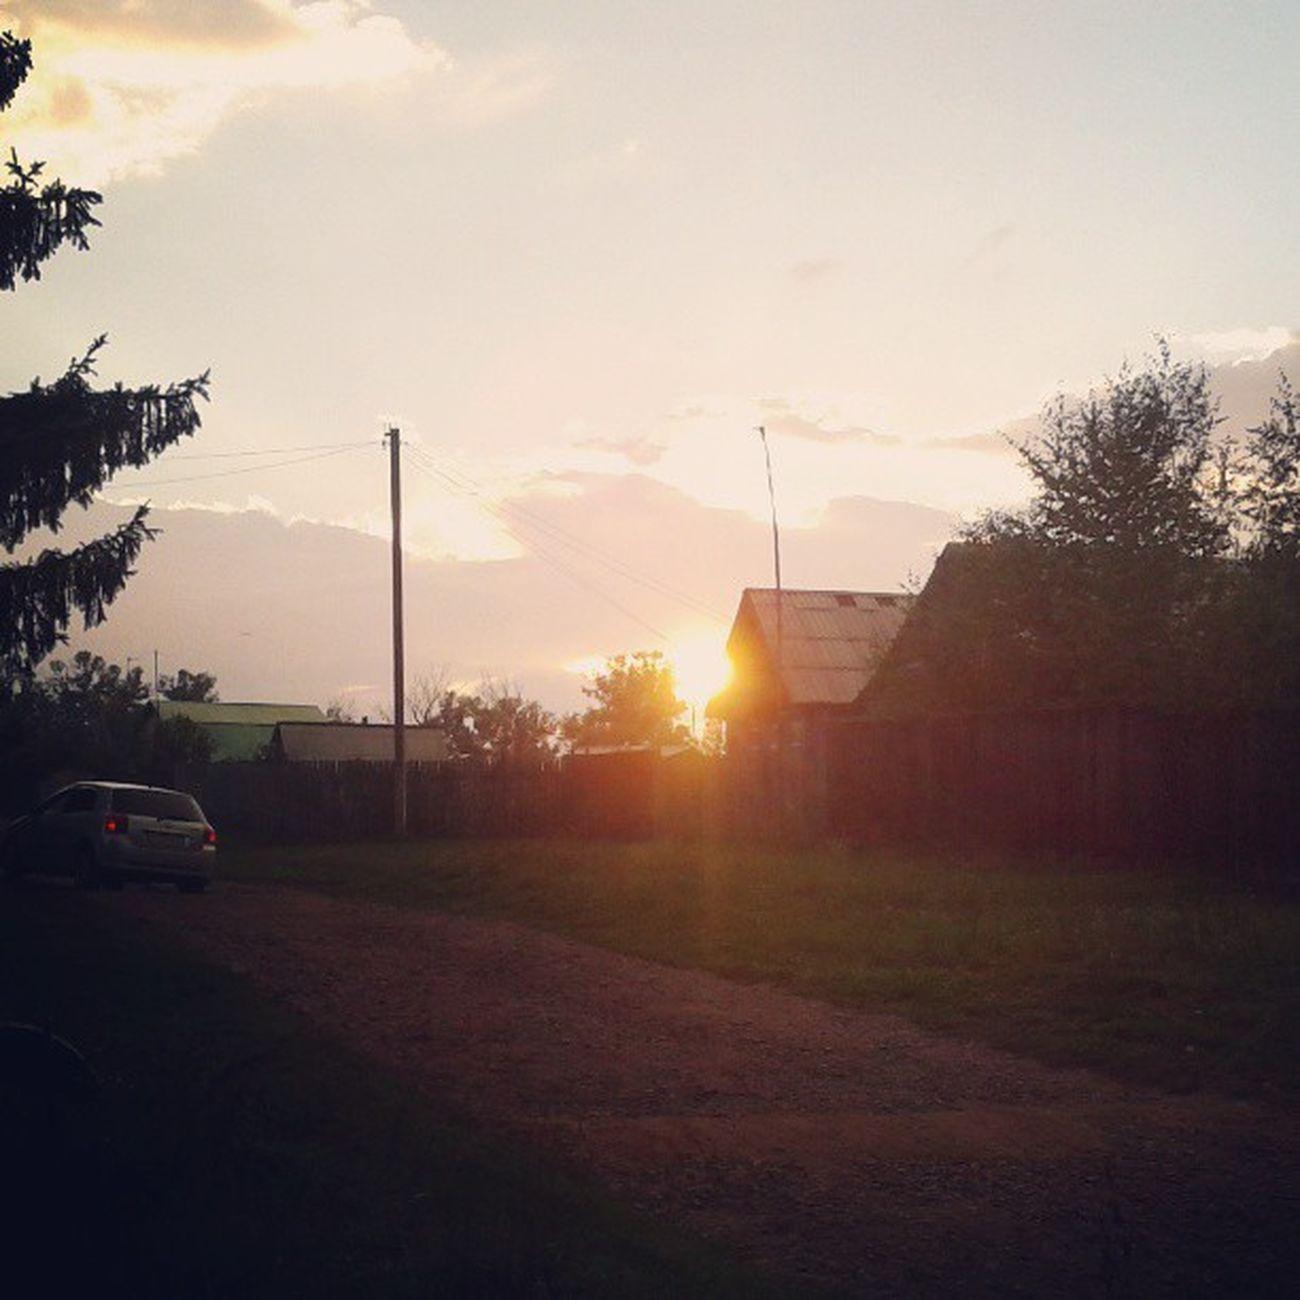 сад деревня уикэнд солнцеуходит закат инлав